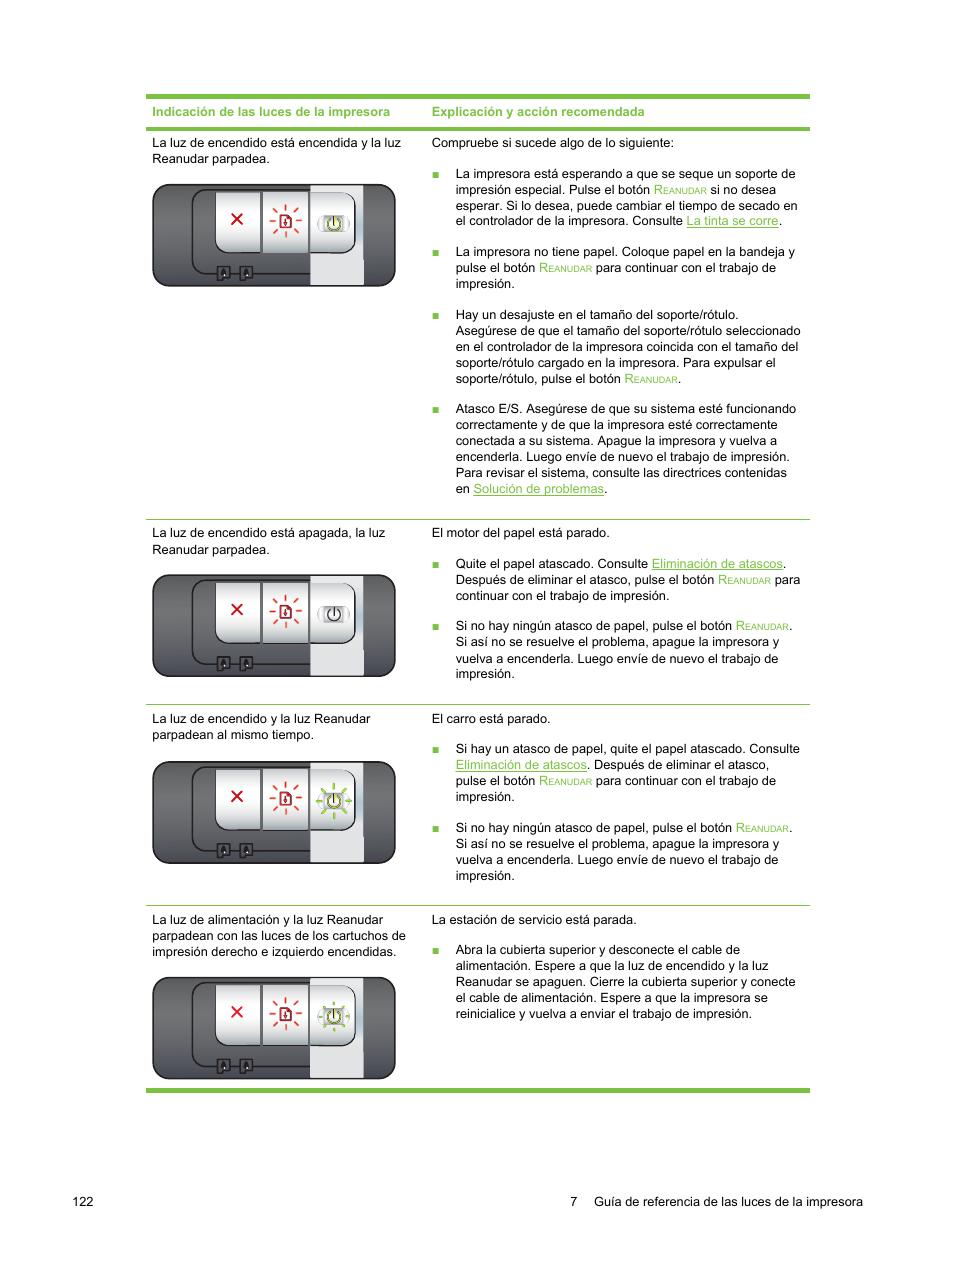 HP Impresora HP Deskjet serie 9800 Manual del usuario | Página 132 / 178